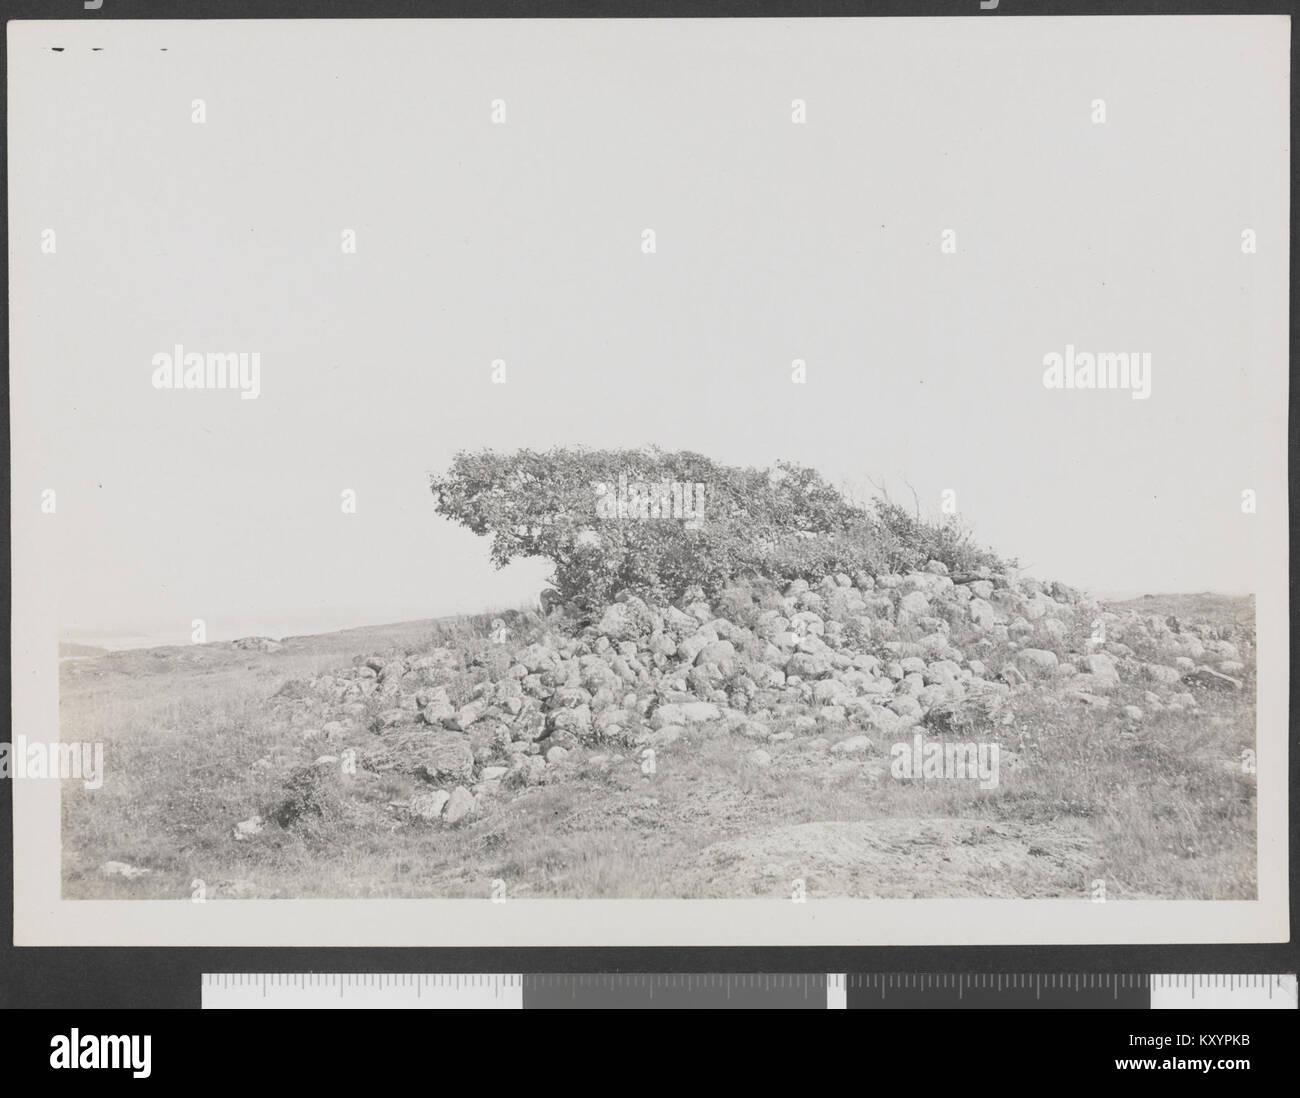 Heg, Prunus padus, på kjaempehaug paa N. Sletten-no-nb DigiFoto-Maker 20150930 00294 bldsa HRH 01 358 Stockbild